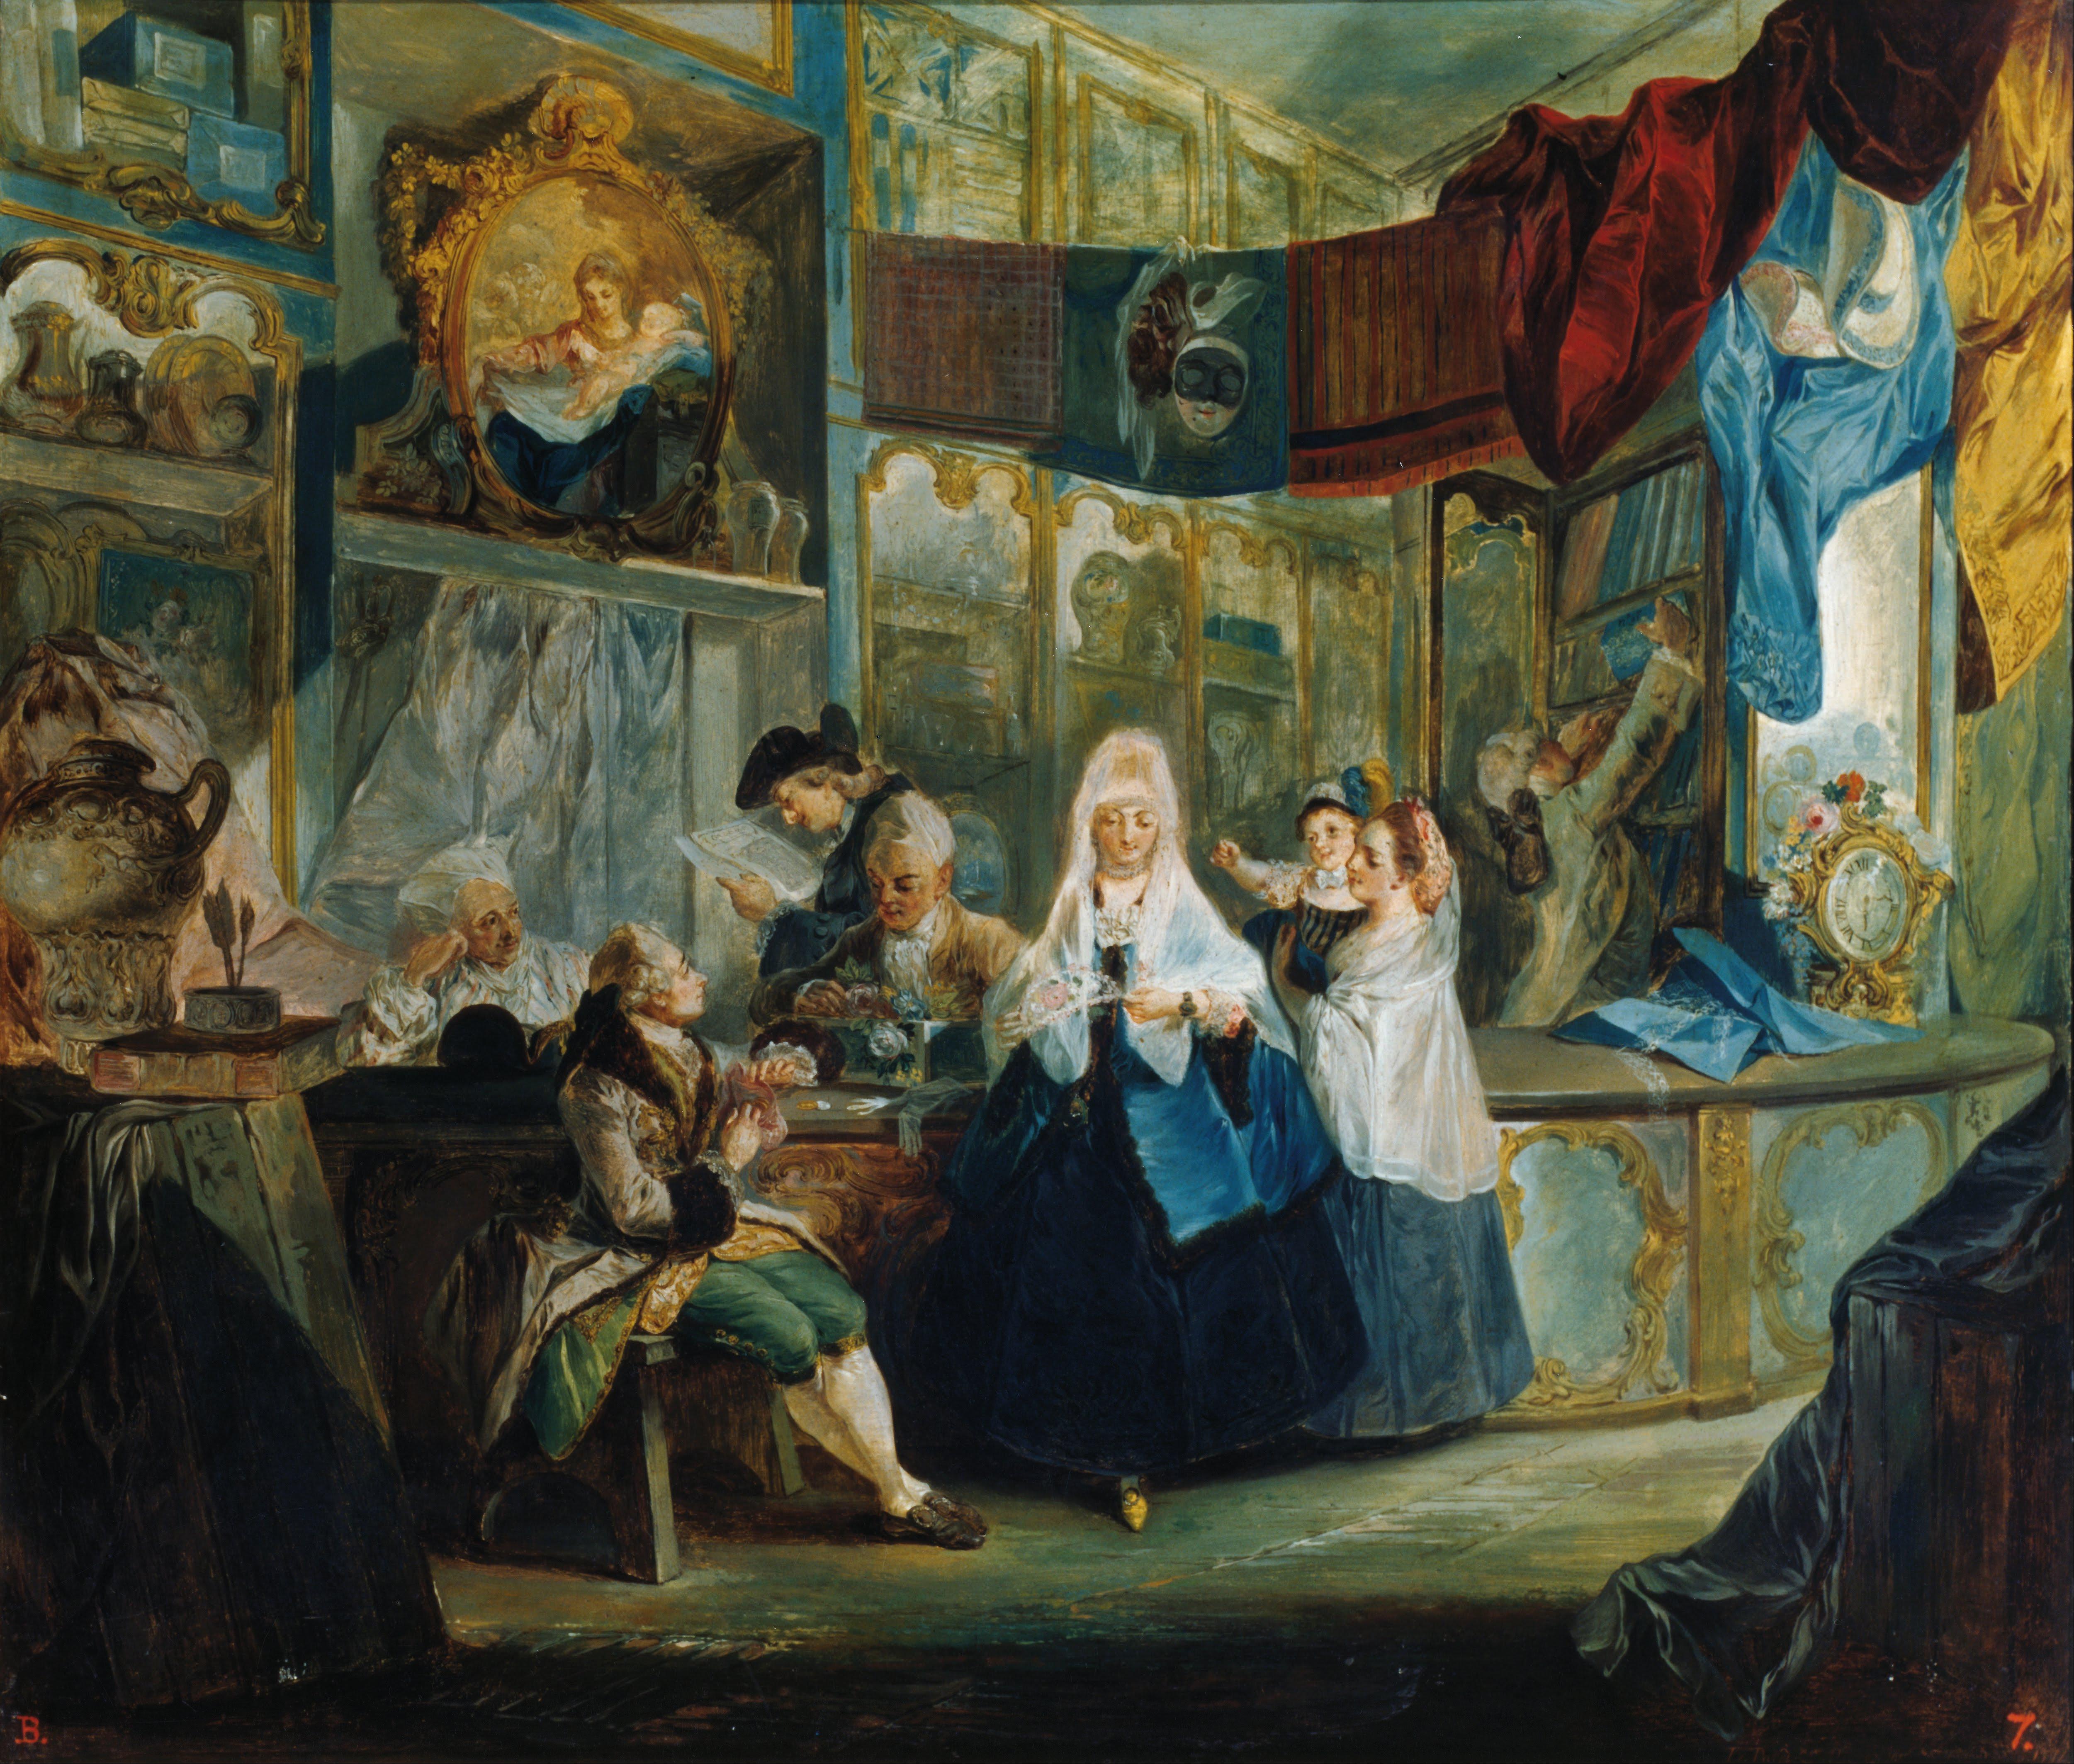 File:Luis Paret y Alcázar - The Shop - Google Art Project.jpg - Wikimedia Com...